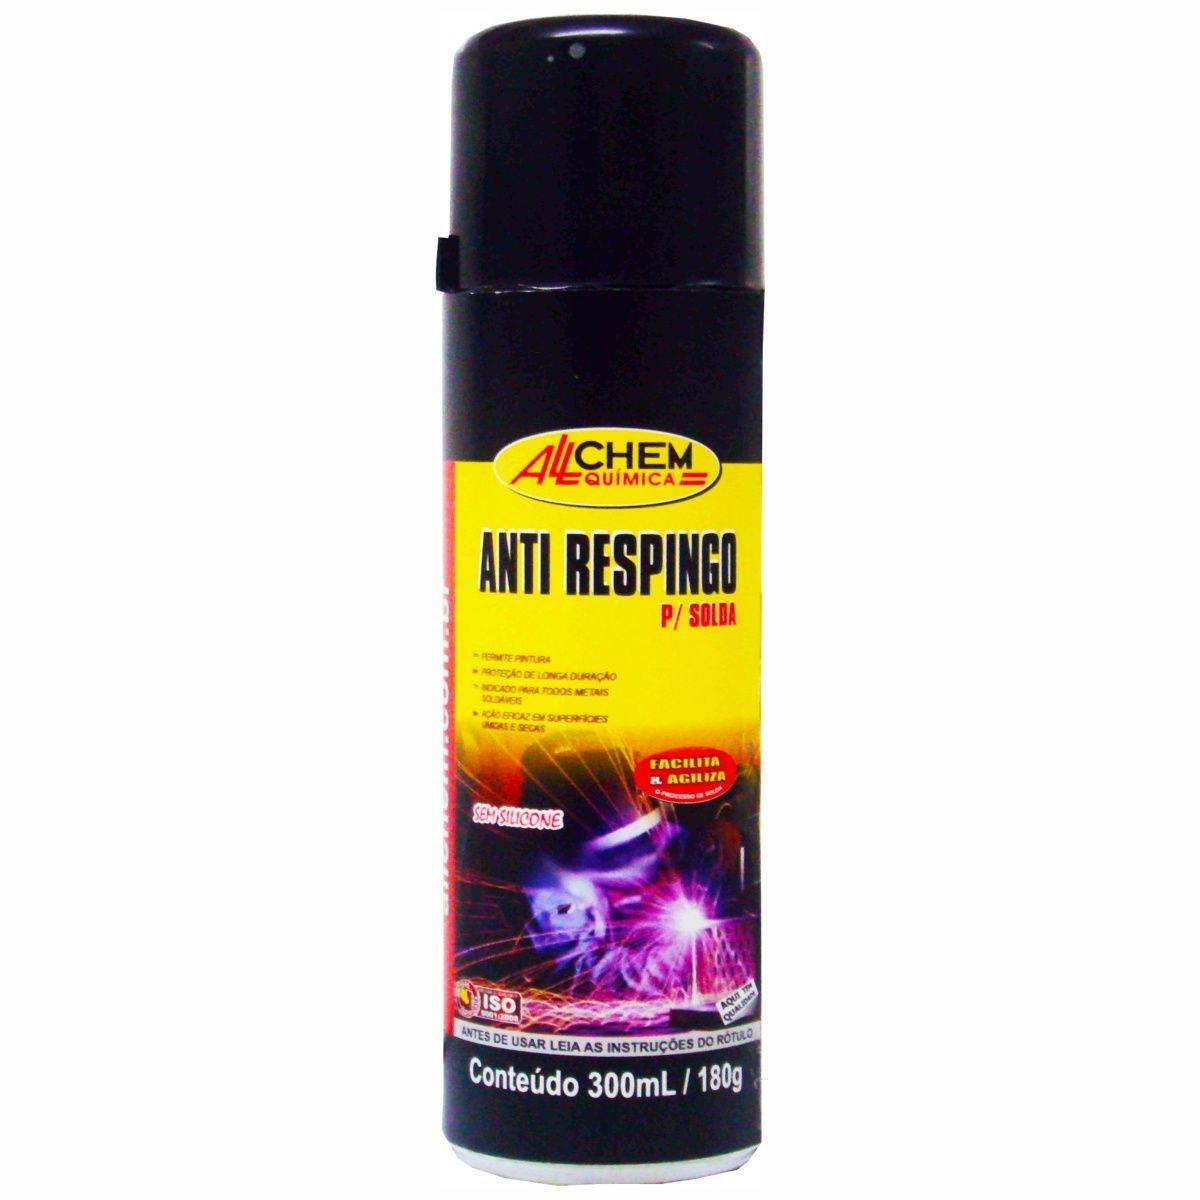 anti-respingo-p-solda-allchem